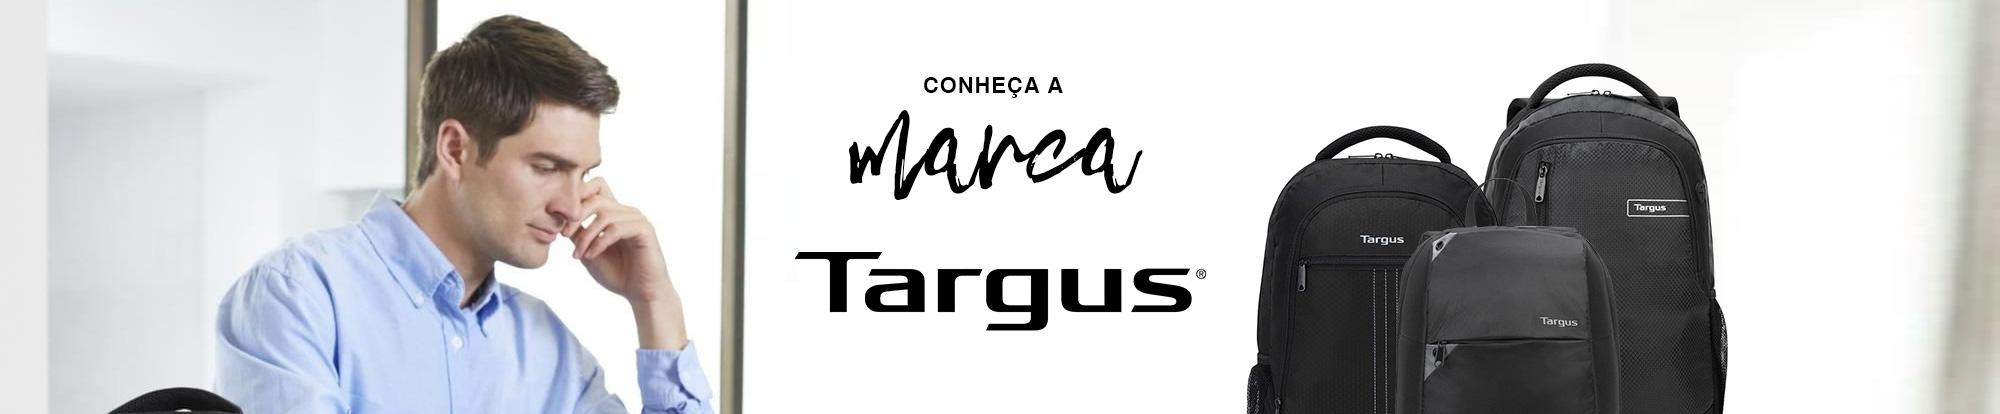 Banner Marca Targus